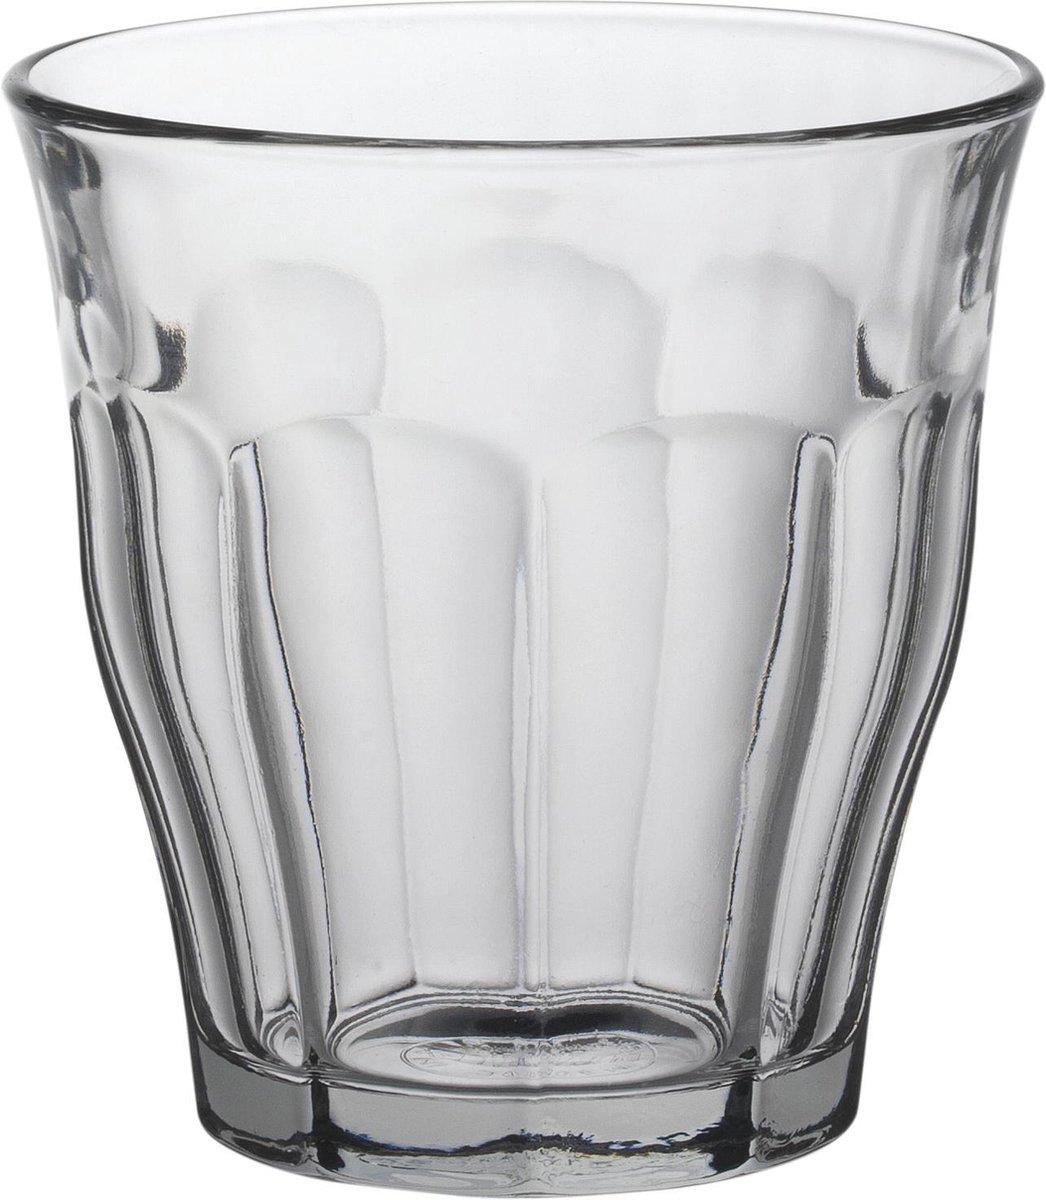 Duralex Picardie Waterglas klein - 160 ml - Gehard glas - 6 stuks